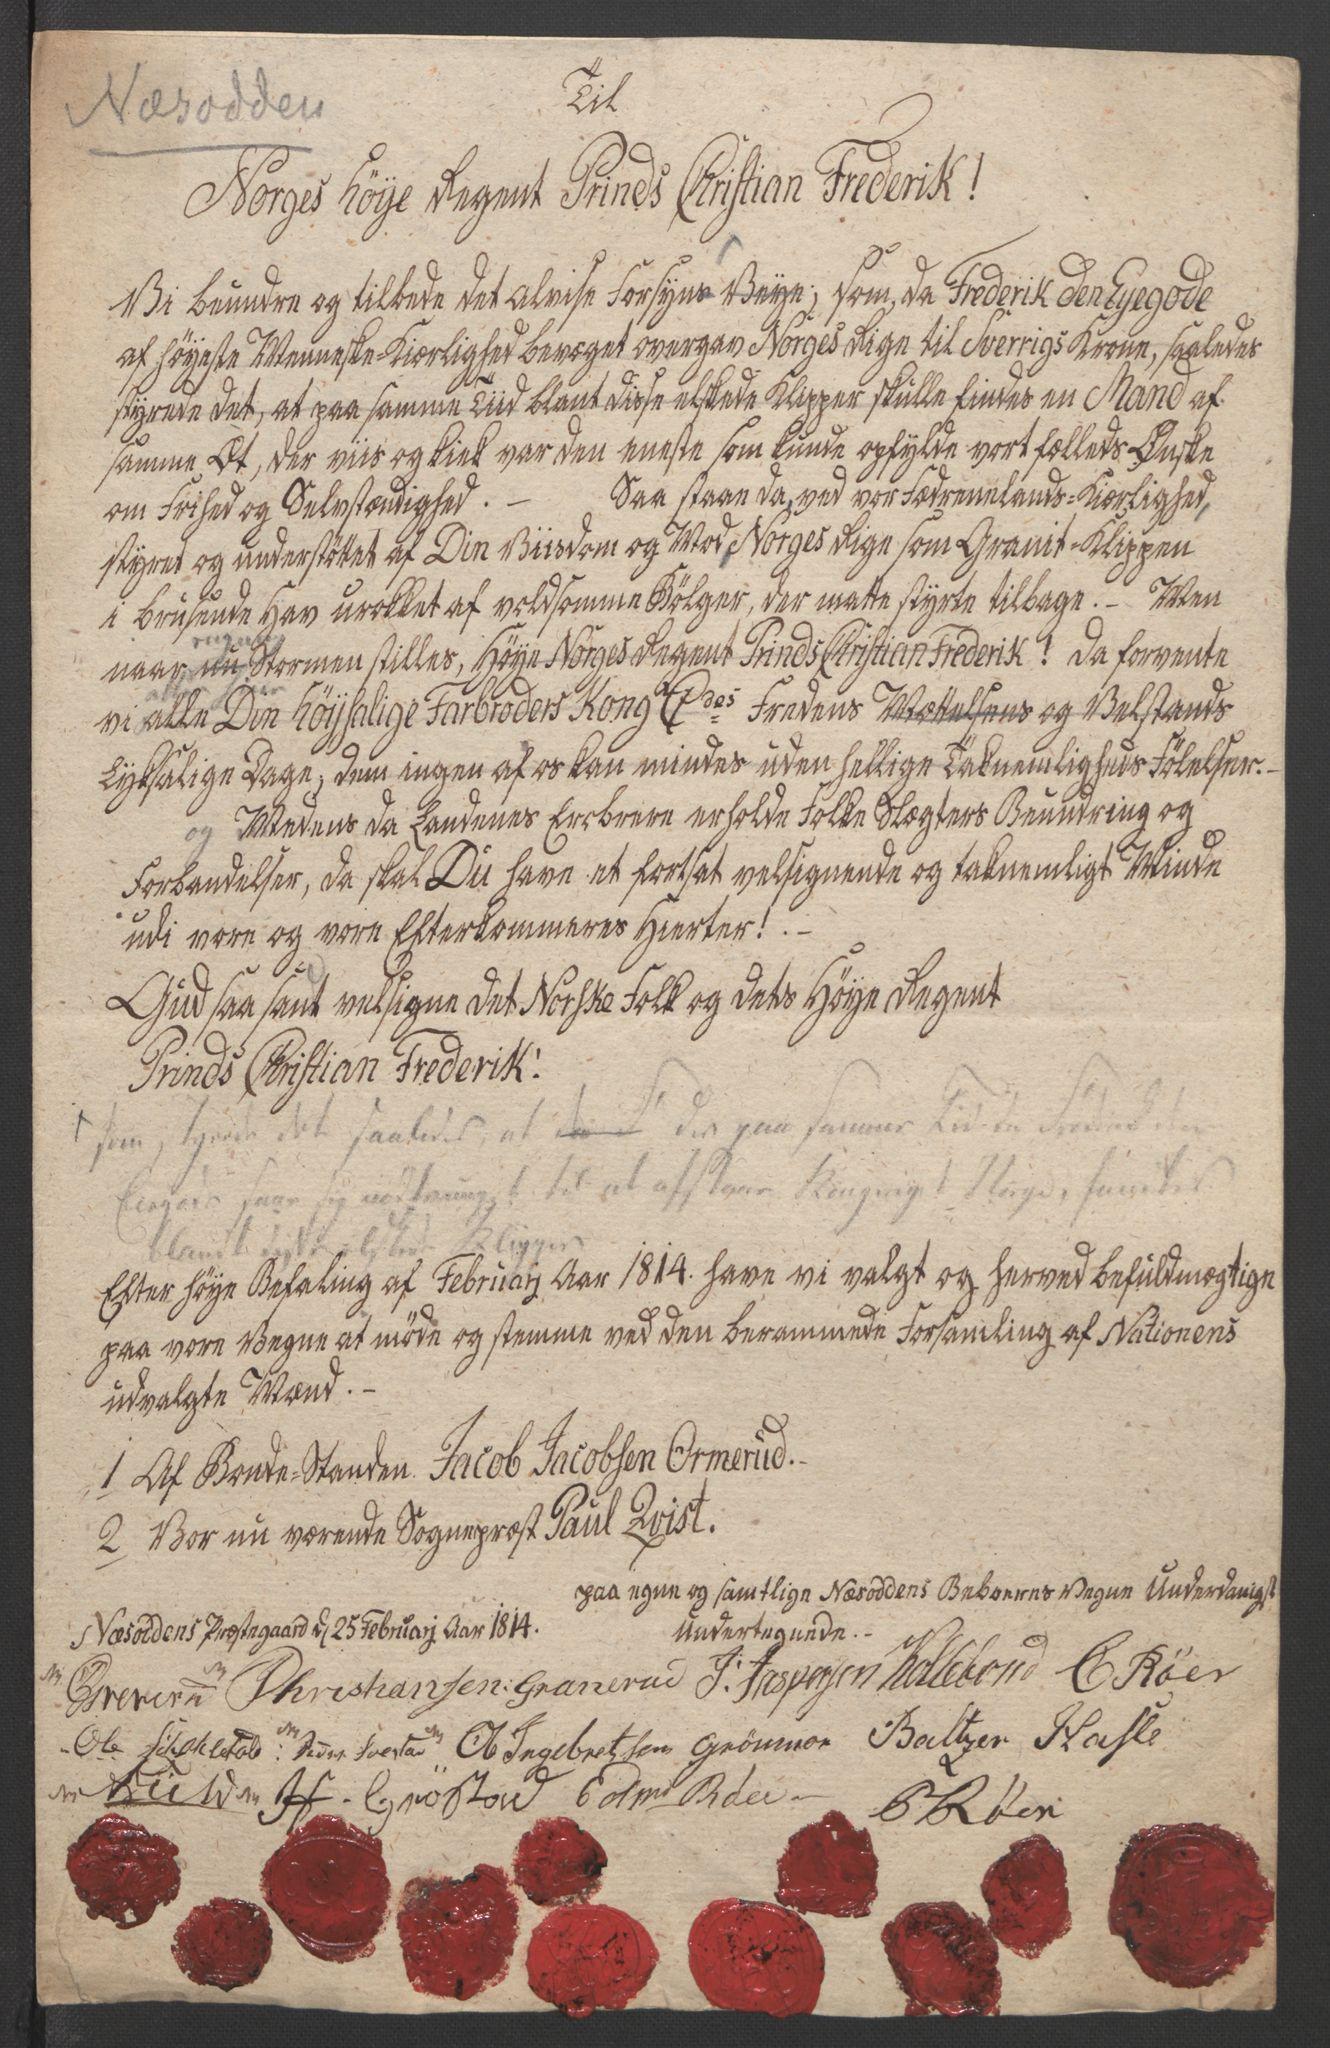 RA, Statsrådssekretariatet, D/Db/L0007: Fullmakter for Eidsvollsrepresentantene i 1814. , 1814, s. 199